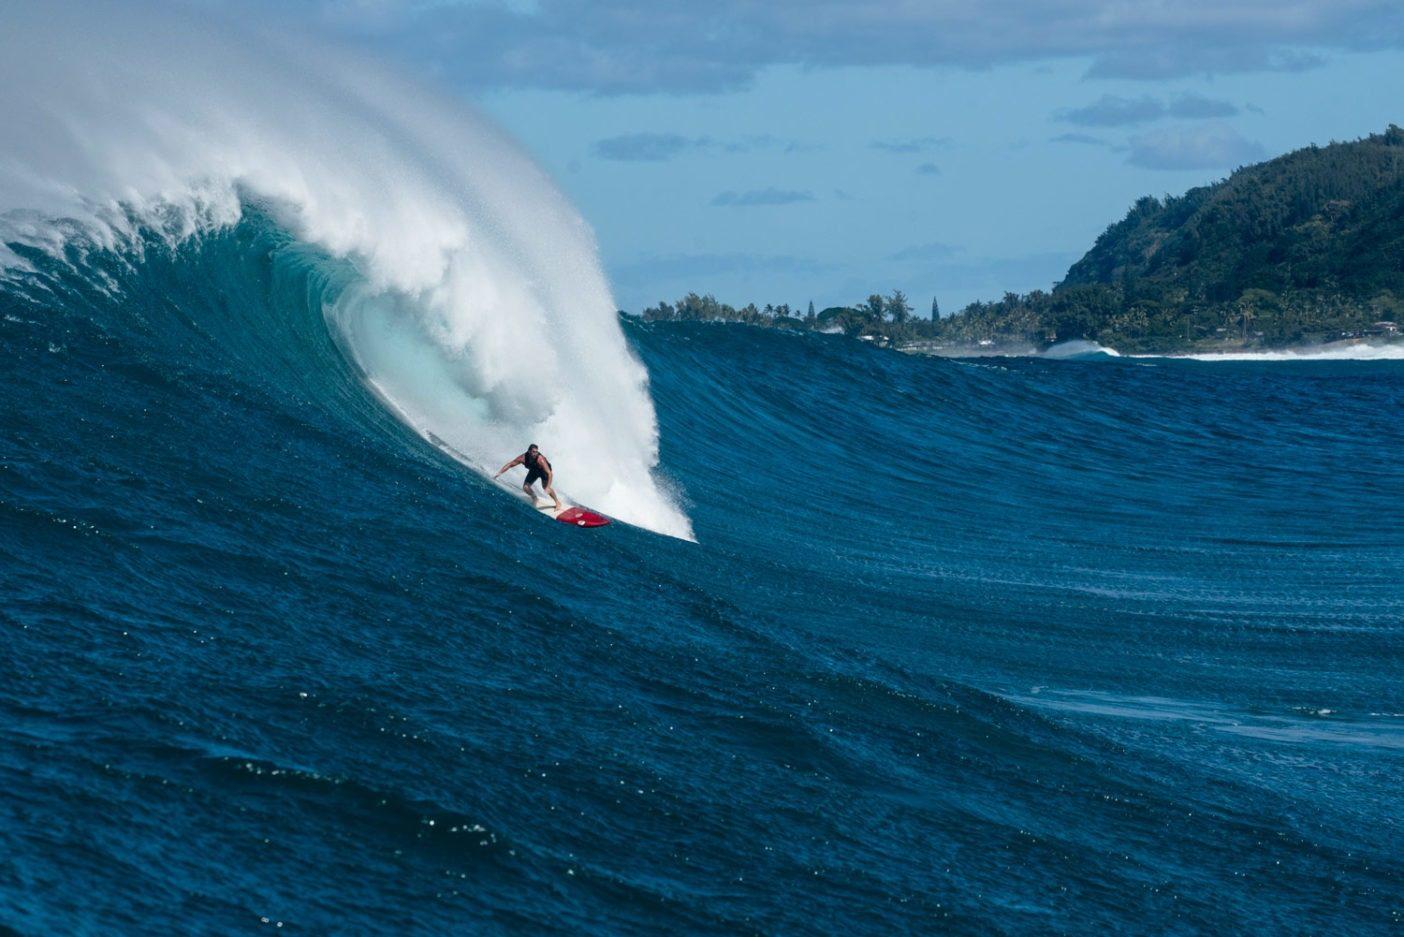 波が大きくなると木工仕事は後回し。ハワイ州オアフ島のノースショアにて。Photo: Juan Luis de Heeckeren